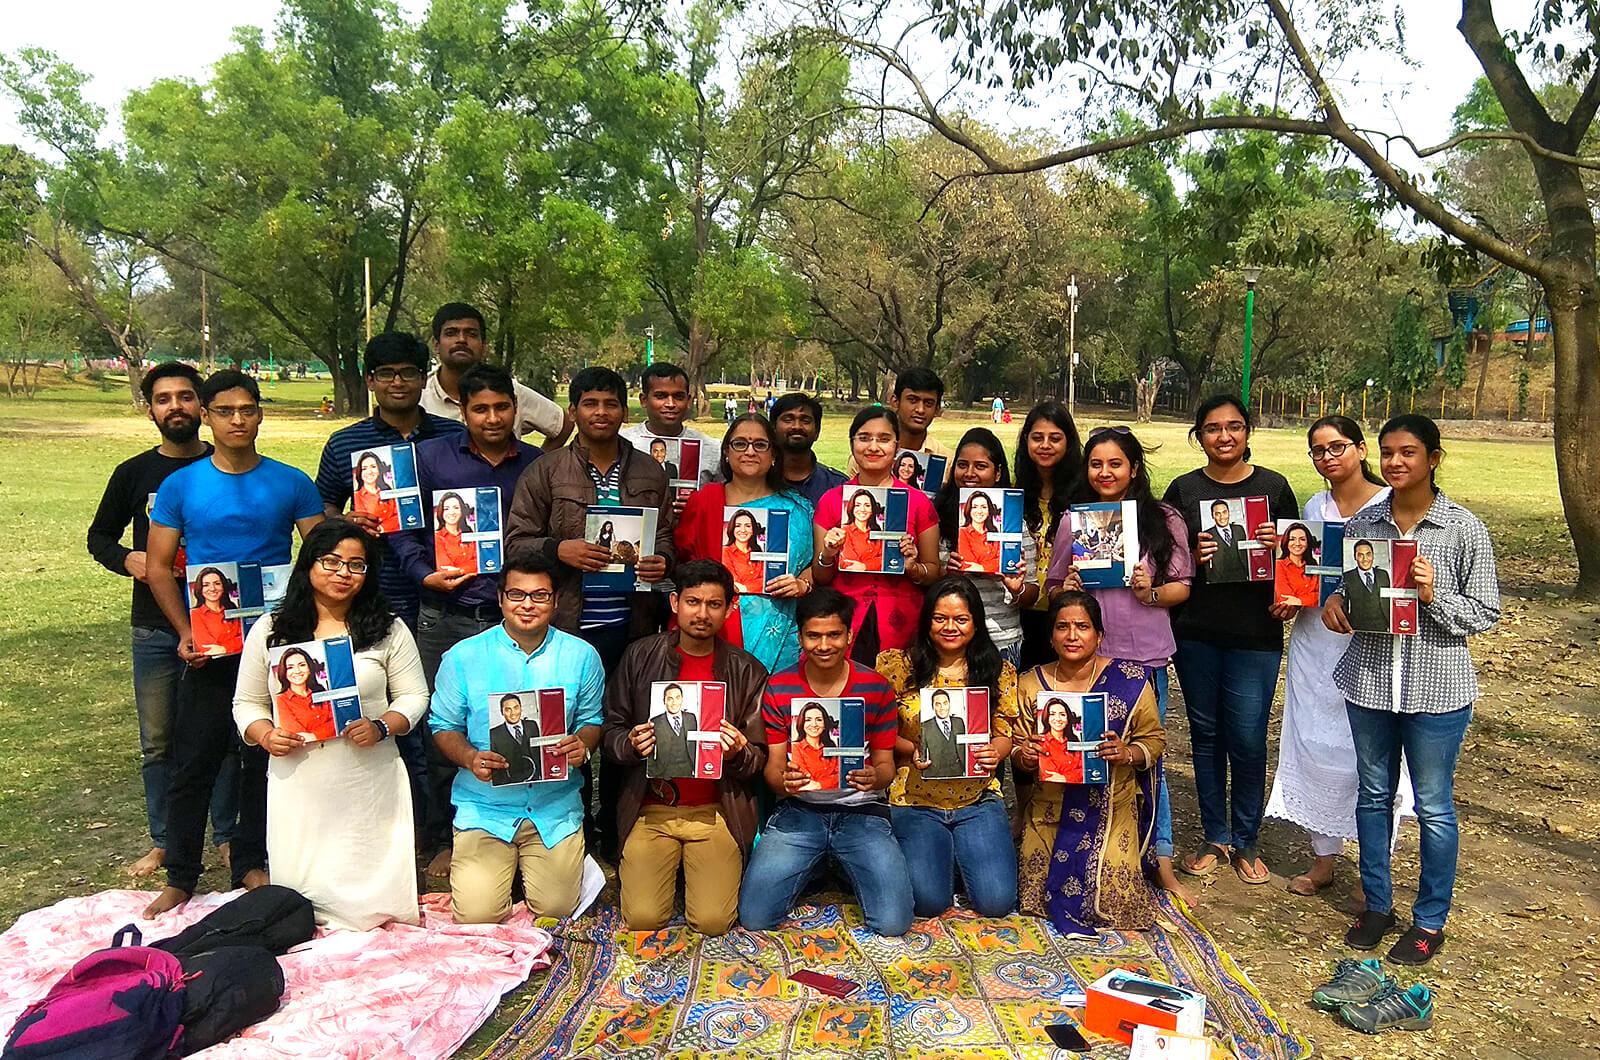 IN-Steel Toastmasters club members meet at Jubilee Park in Jamshedpur, India.